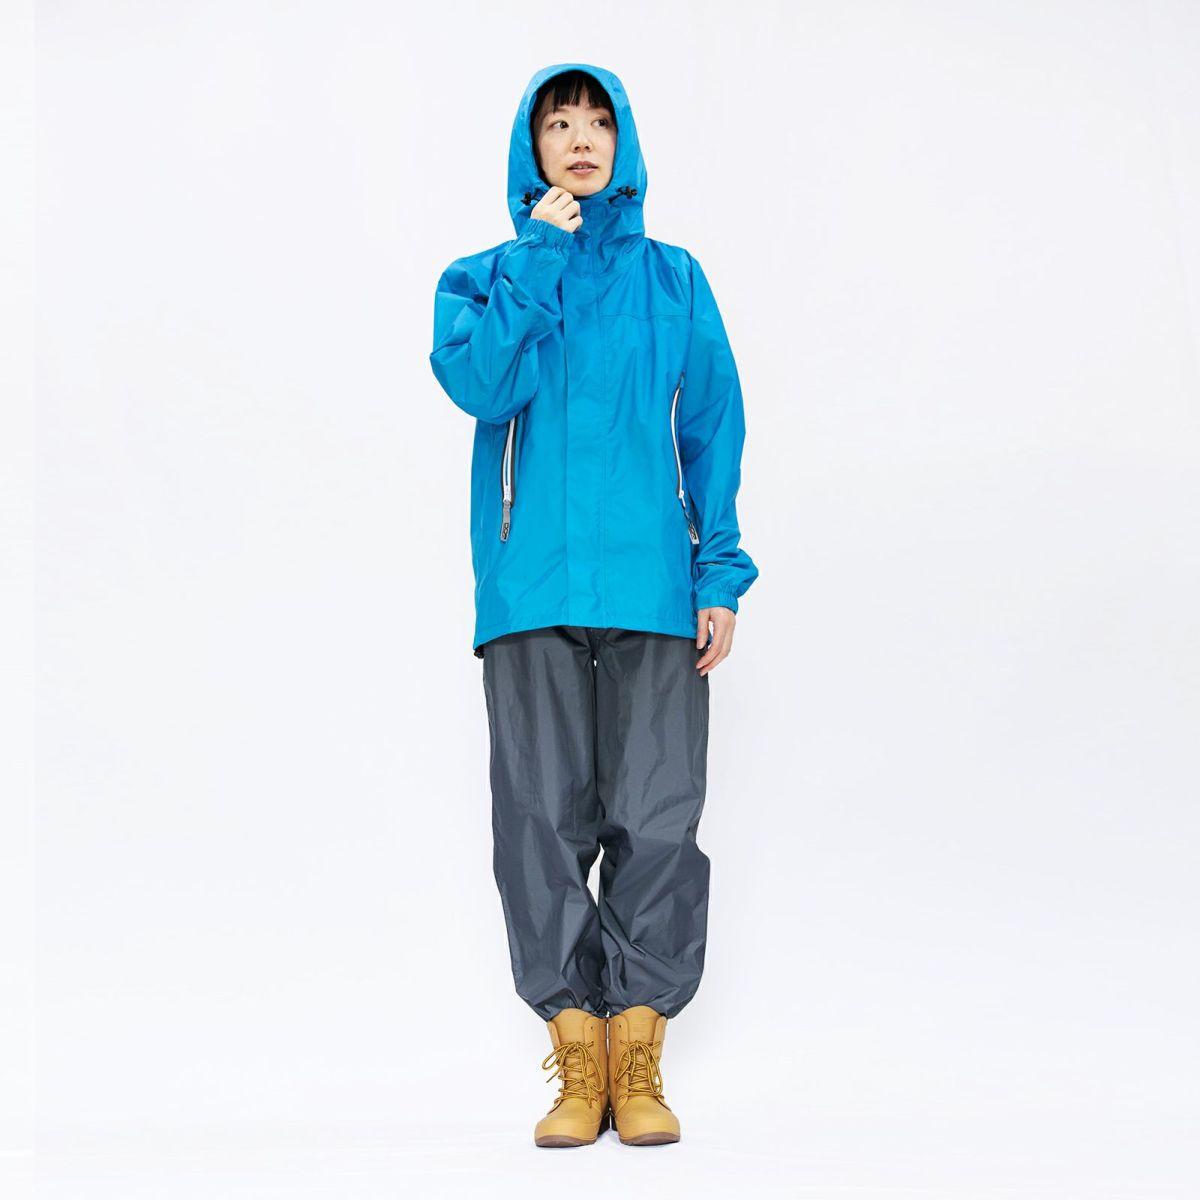 [女性モデルのサイズ]身長:168cm 着用サイズ:M ※写真は7720 KJ レインパンツとなります。当商品「7730 EX」は、さらにフロントにはボタンとファスナー、裾にはファスナーがつき調整可能です。